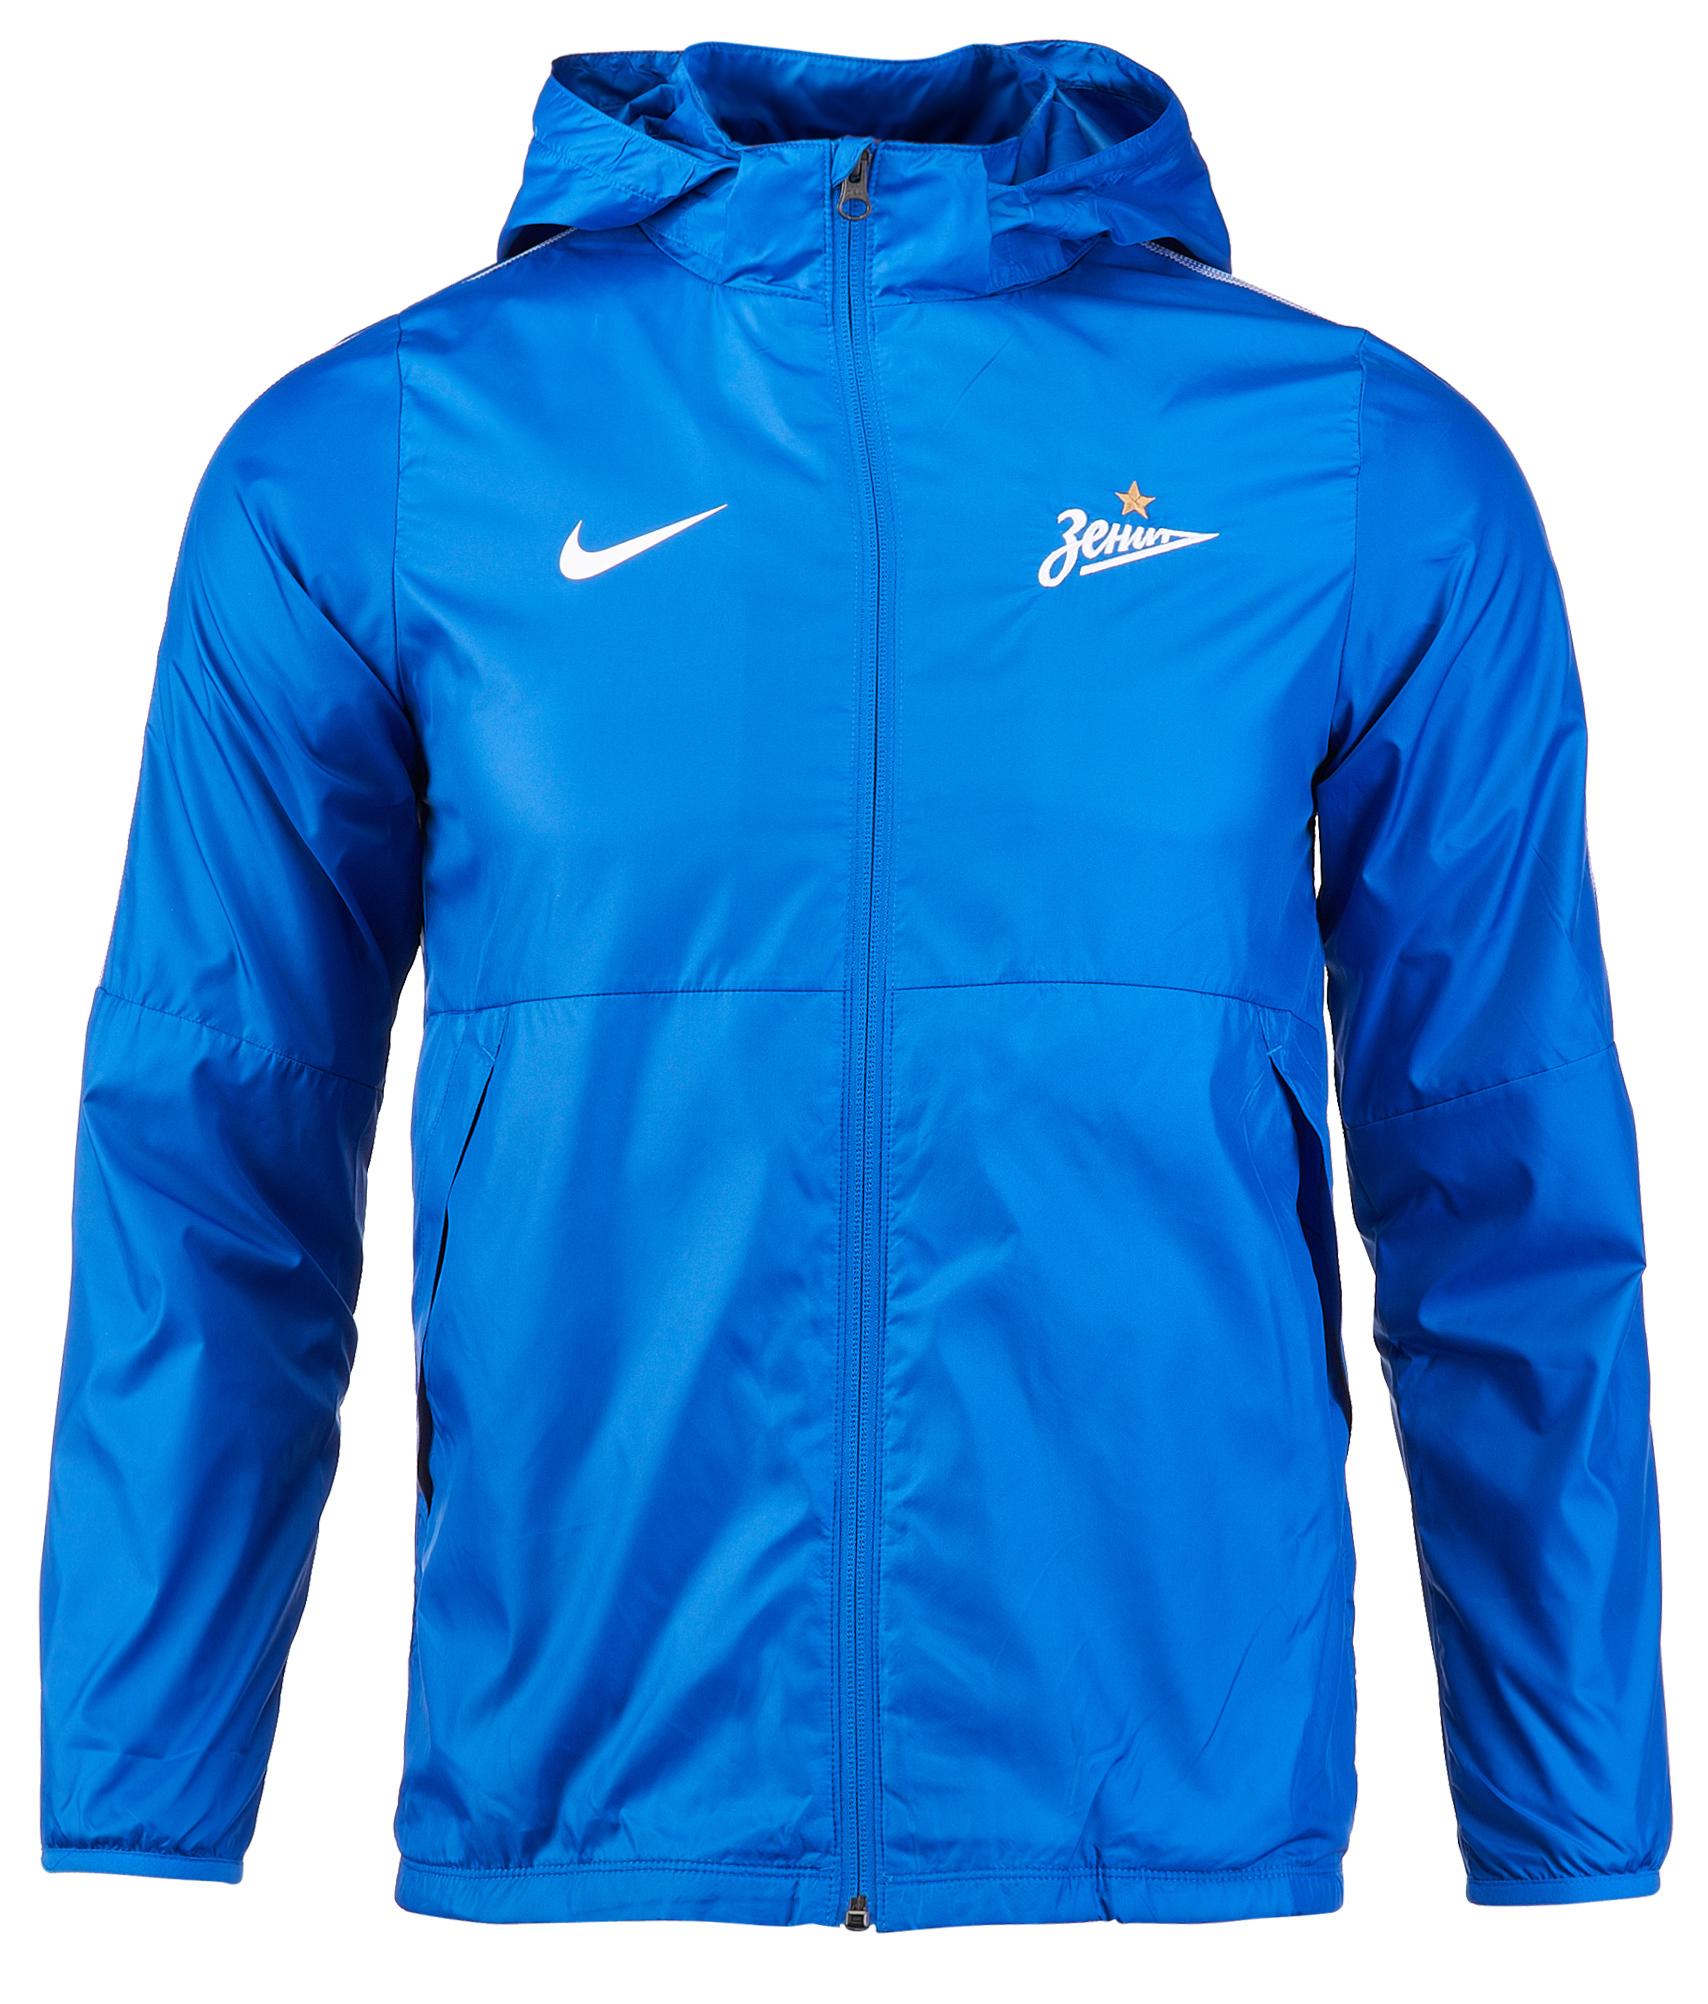 Ветровка подростковая Nike Zenit 2018/19  Цвет-Синий